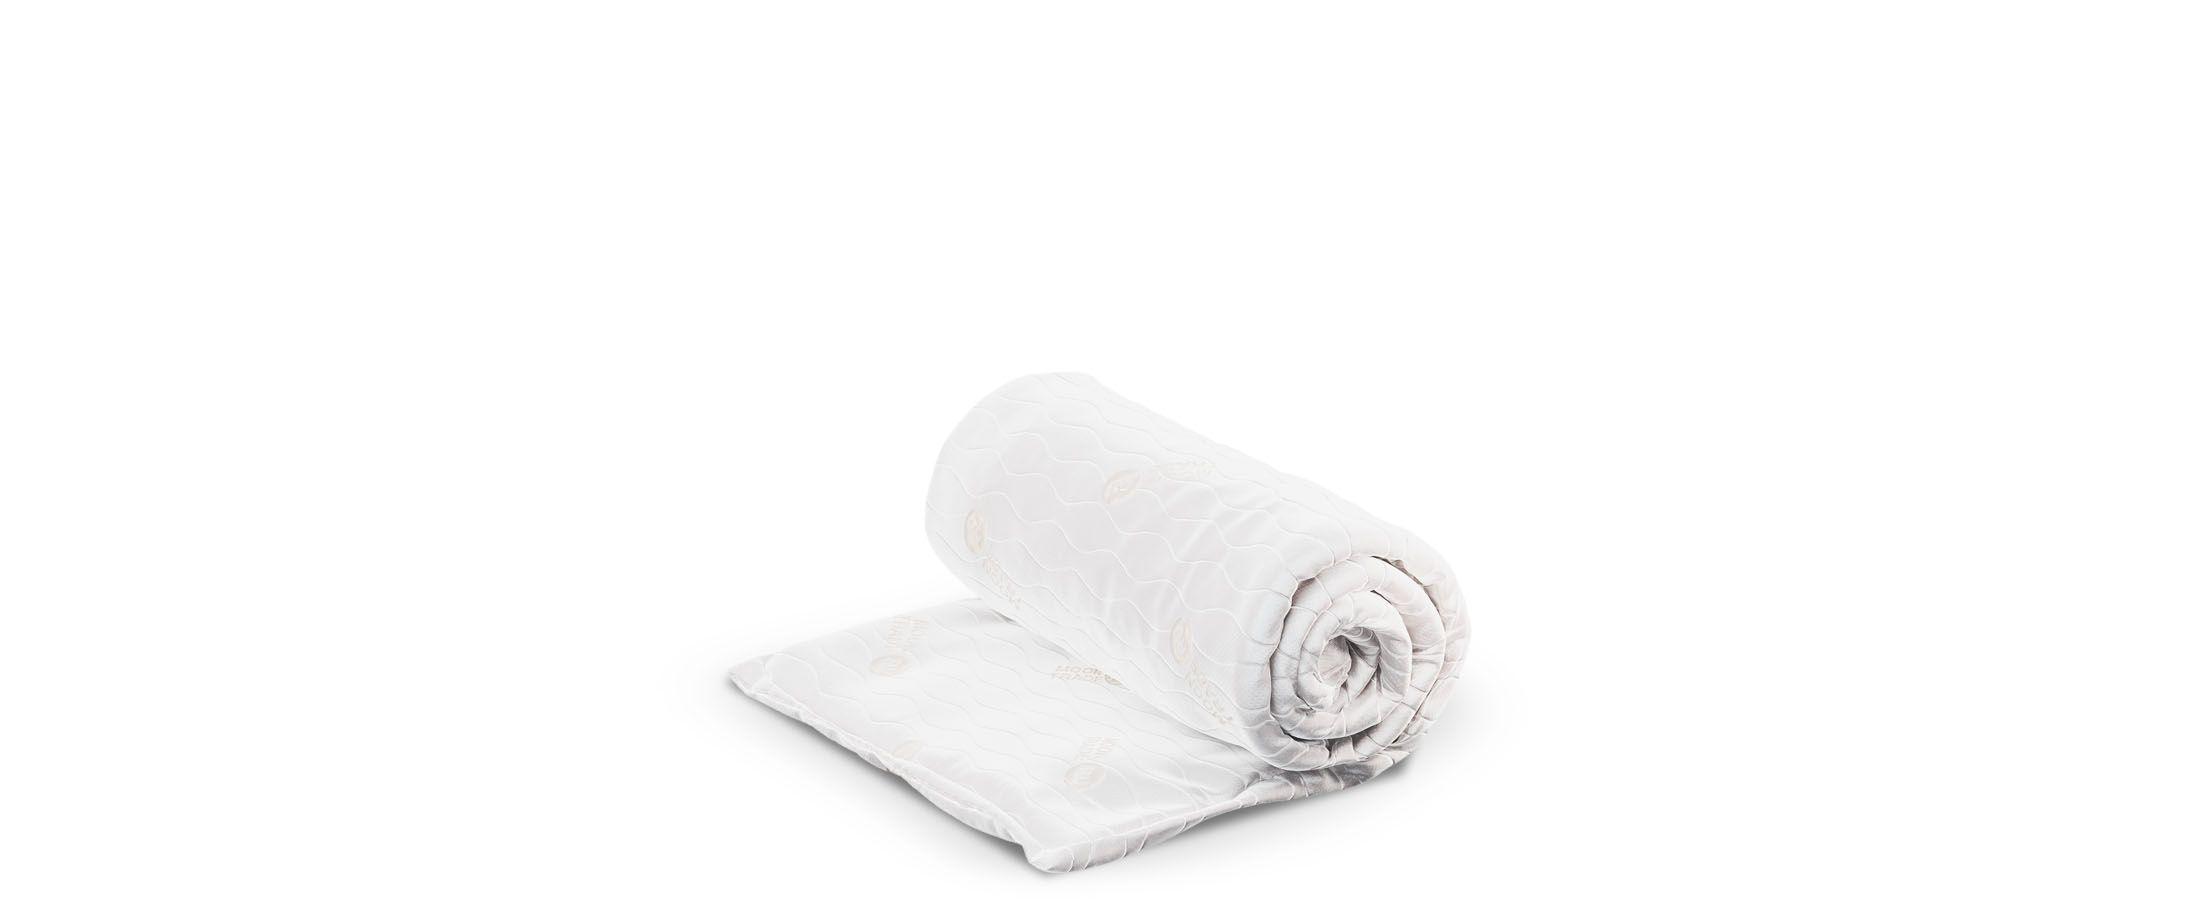 Наматрасник MOON TRADE 150х205 см Модель 059Наматрасник MOON TRADE изготовлен из трикотажной ткани, простёганной на синтепоне. Резинки по углам для крепления к спальному месту делают его практичным и удобным в эксплуатации.<br>